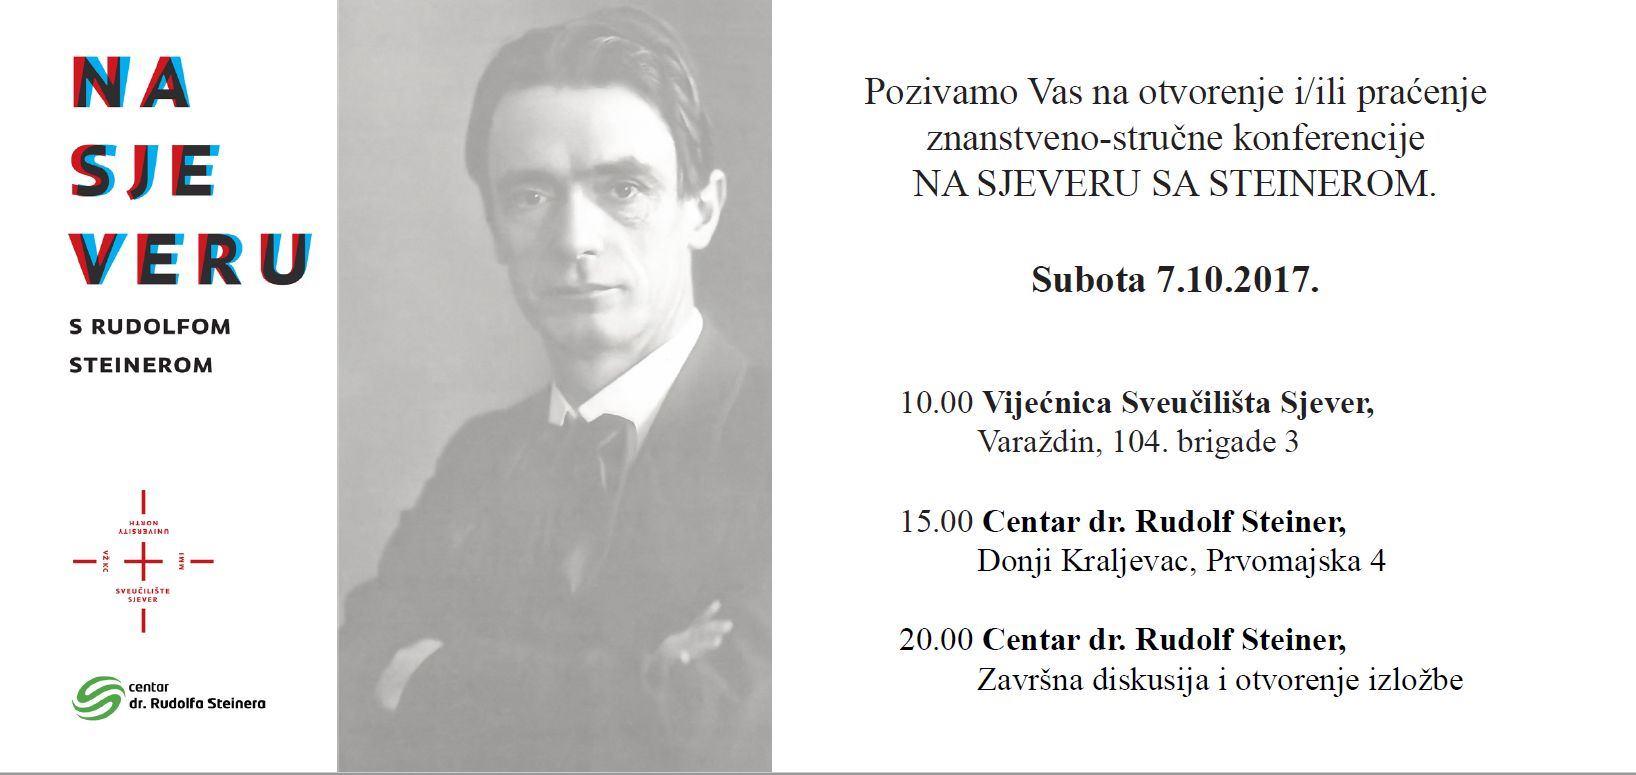 Znanstveno-stručna konferencija 'Na Sjeveru sa Steinerom'